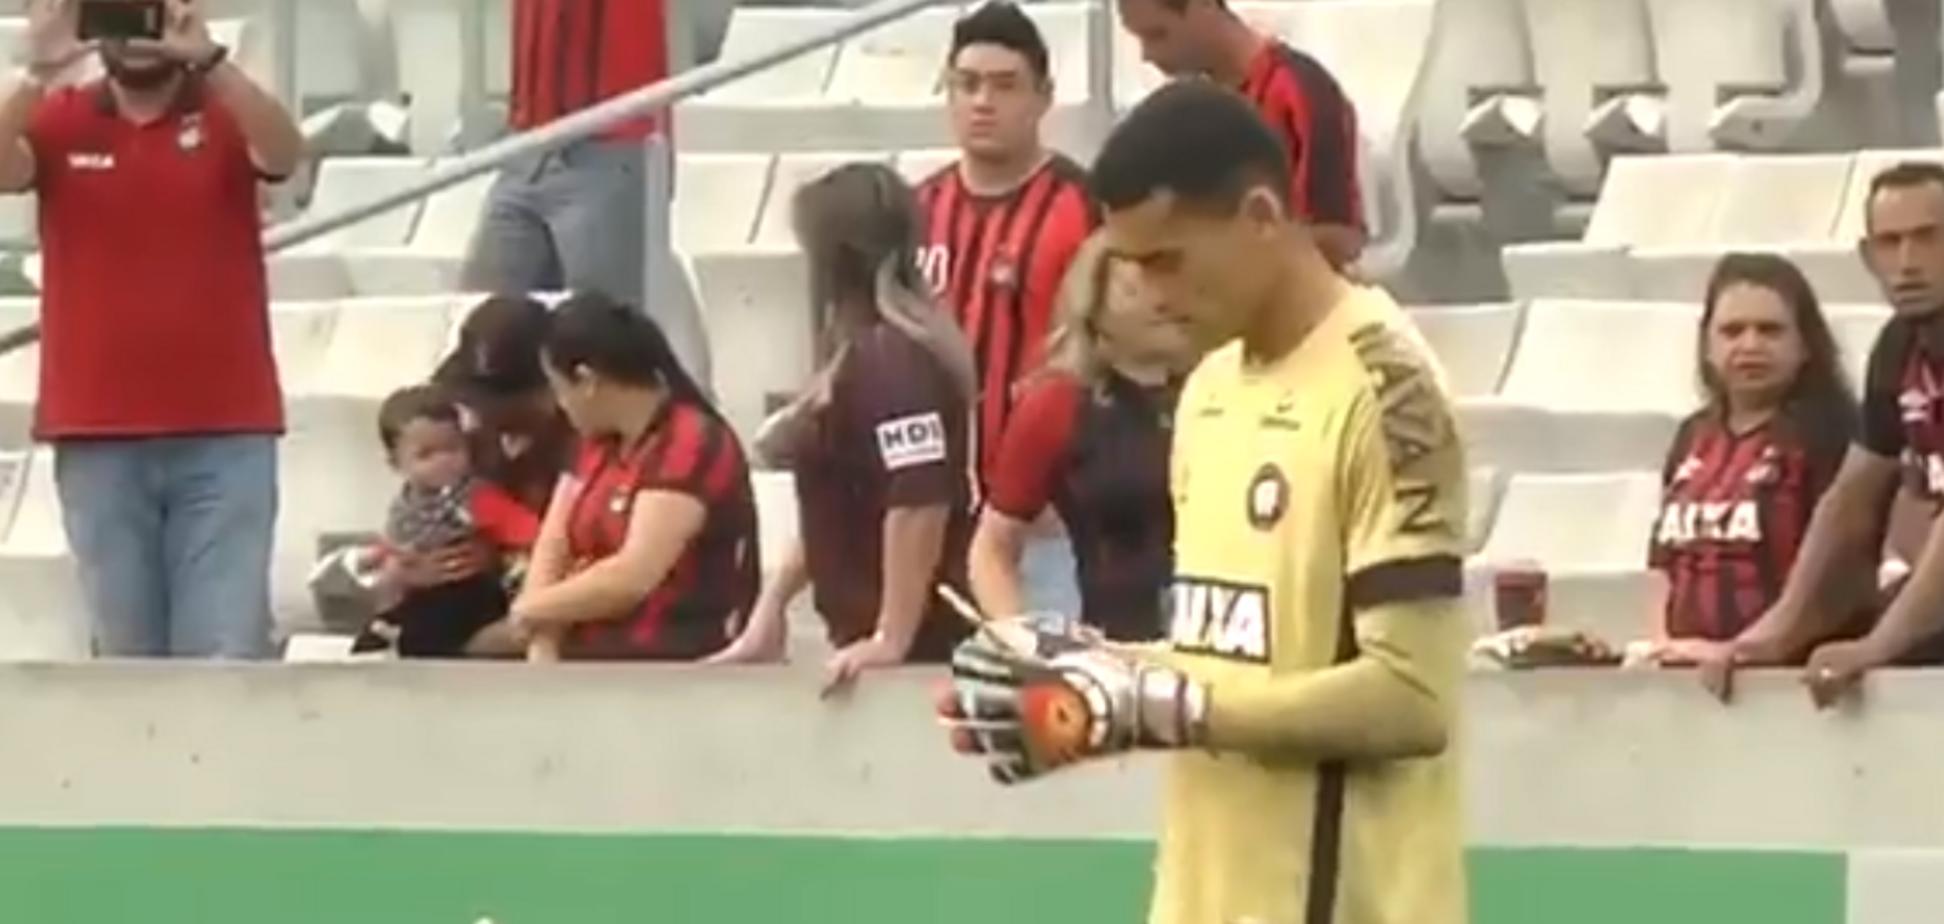 Відомий воротар захопився смартфоном під час матчу